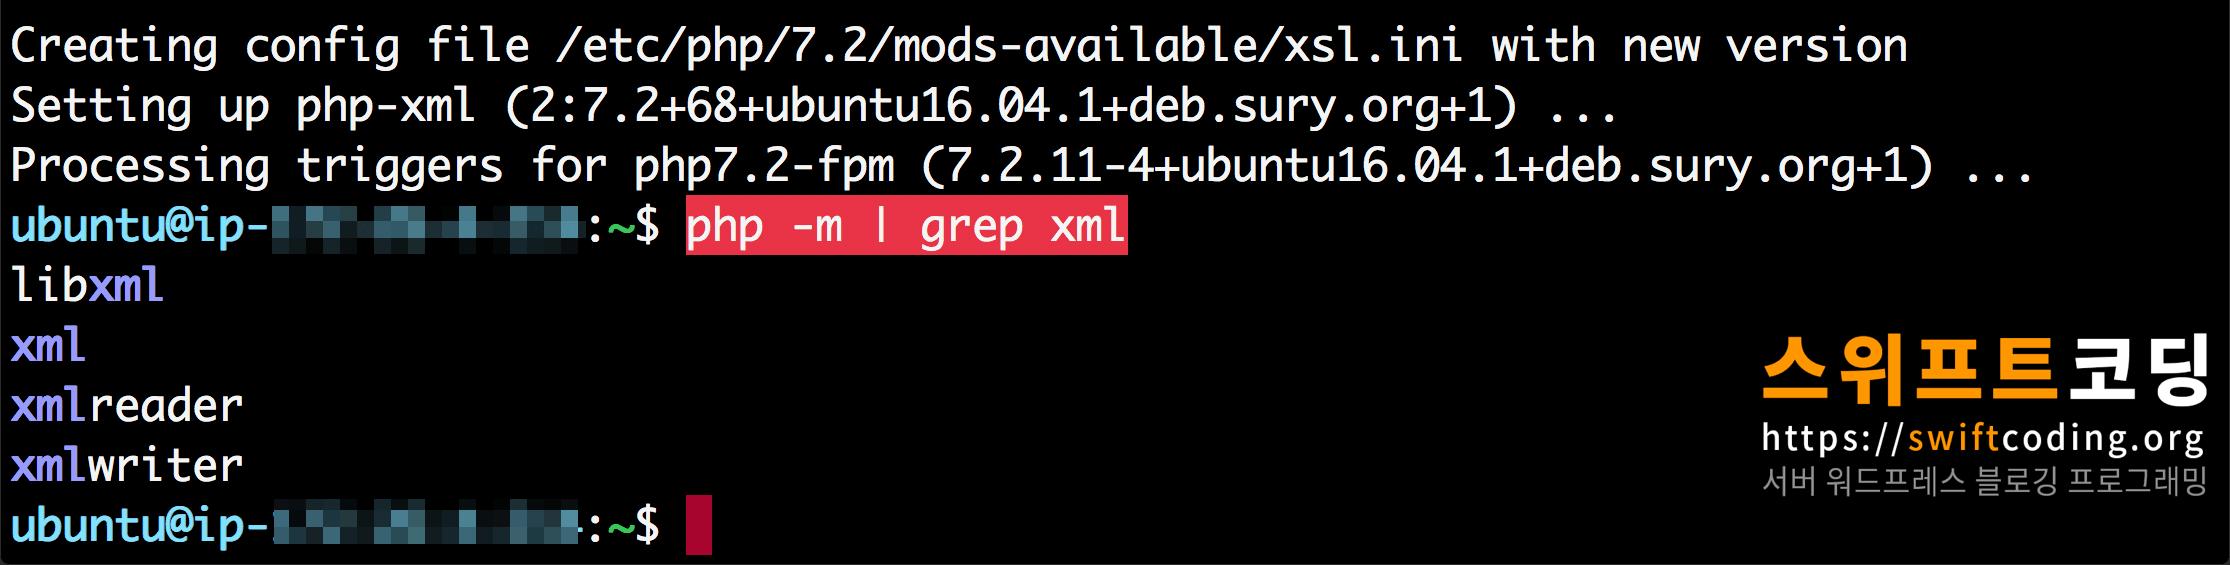 libxml, xml, xmlreader, xmlwriter 로딩됨